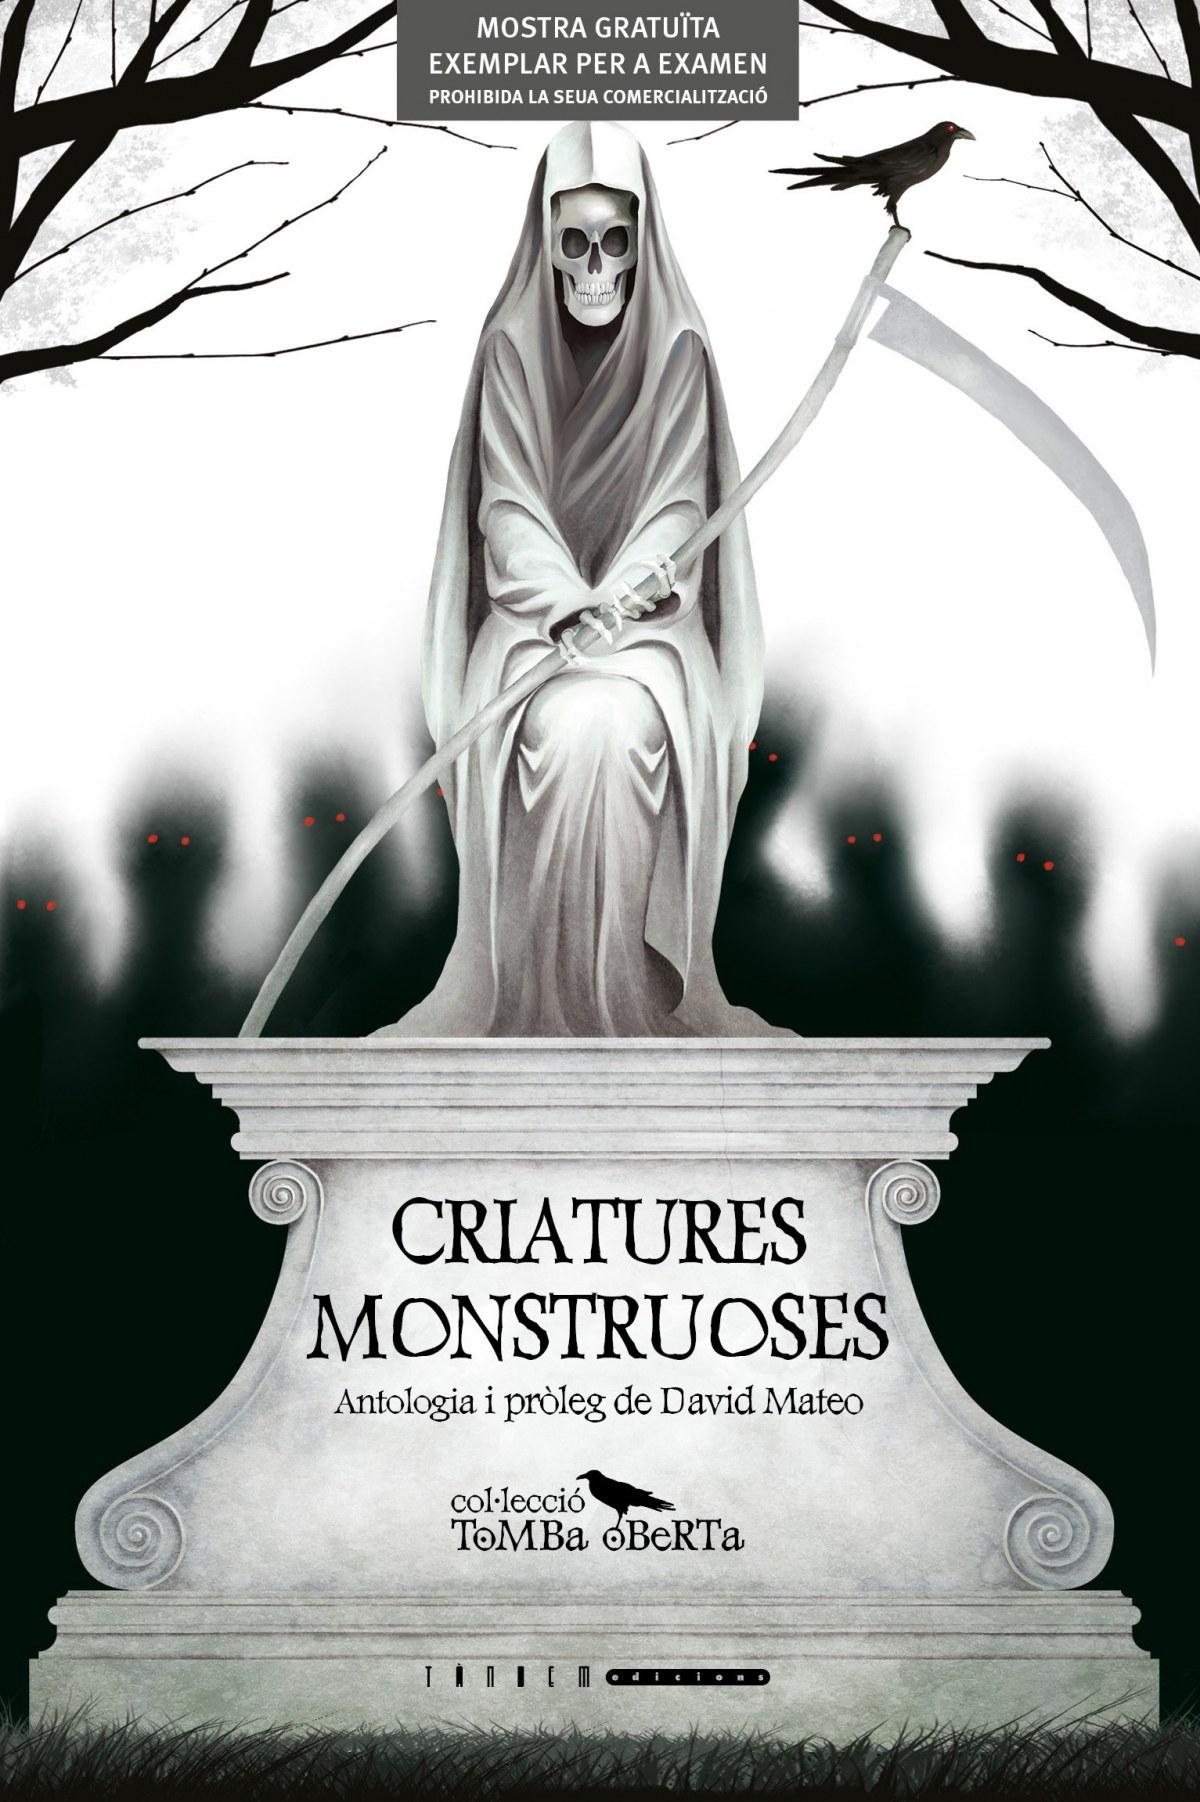 Criatures monstruoses 9788481310665